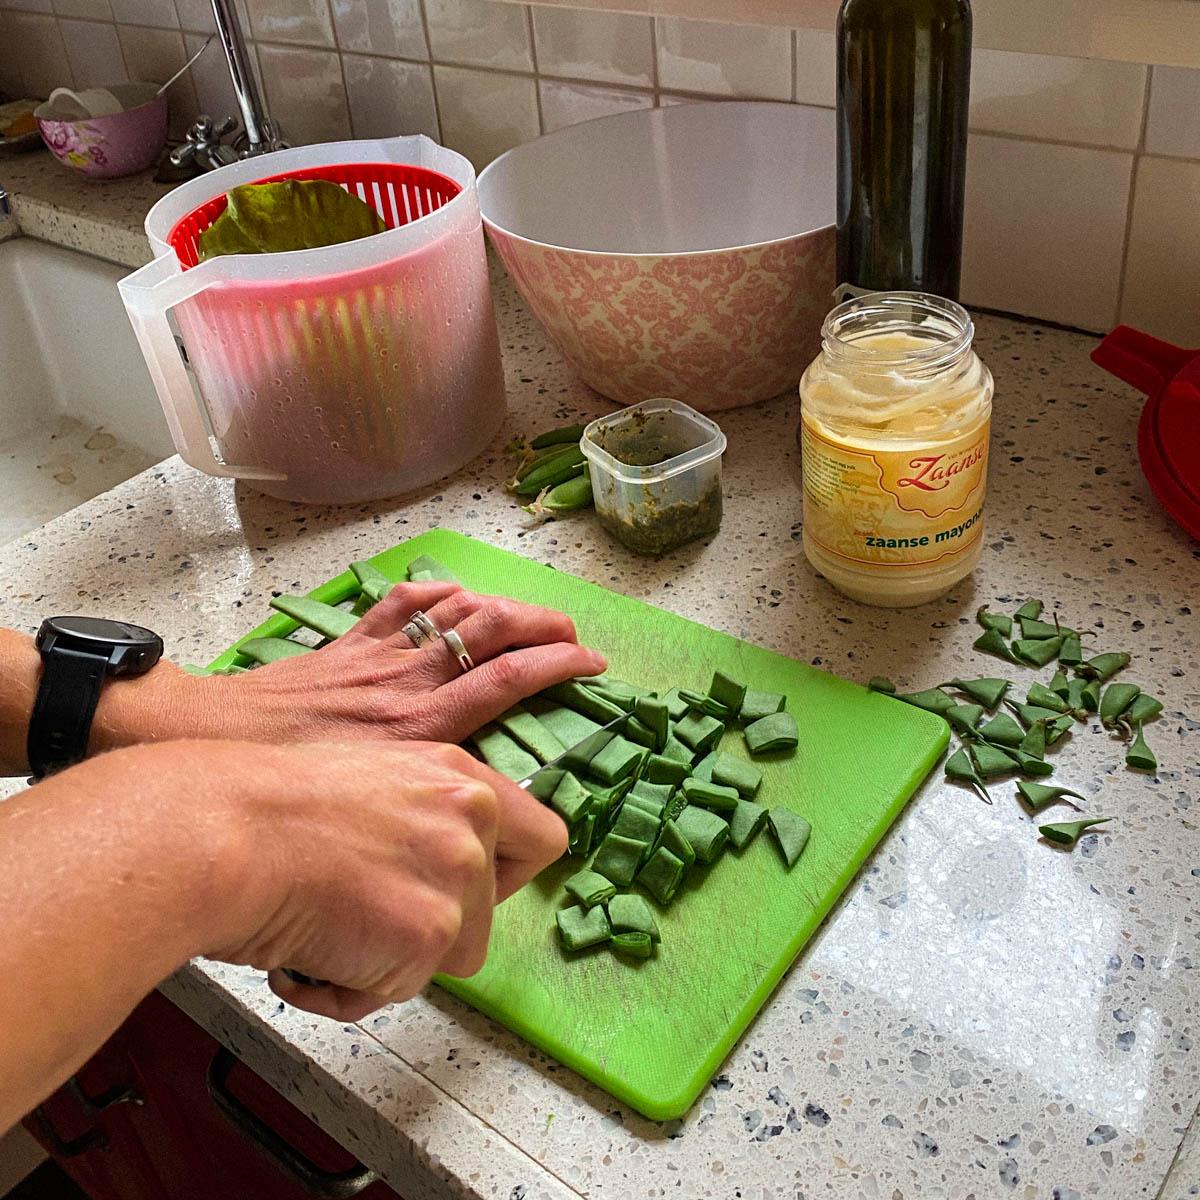 Snijbonen uit de Makkelijke Moestuin snijden voor de tortellini salade